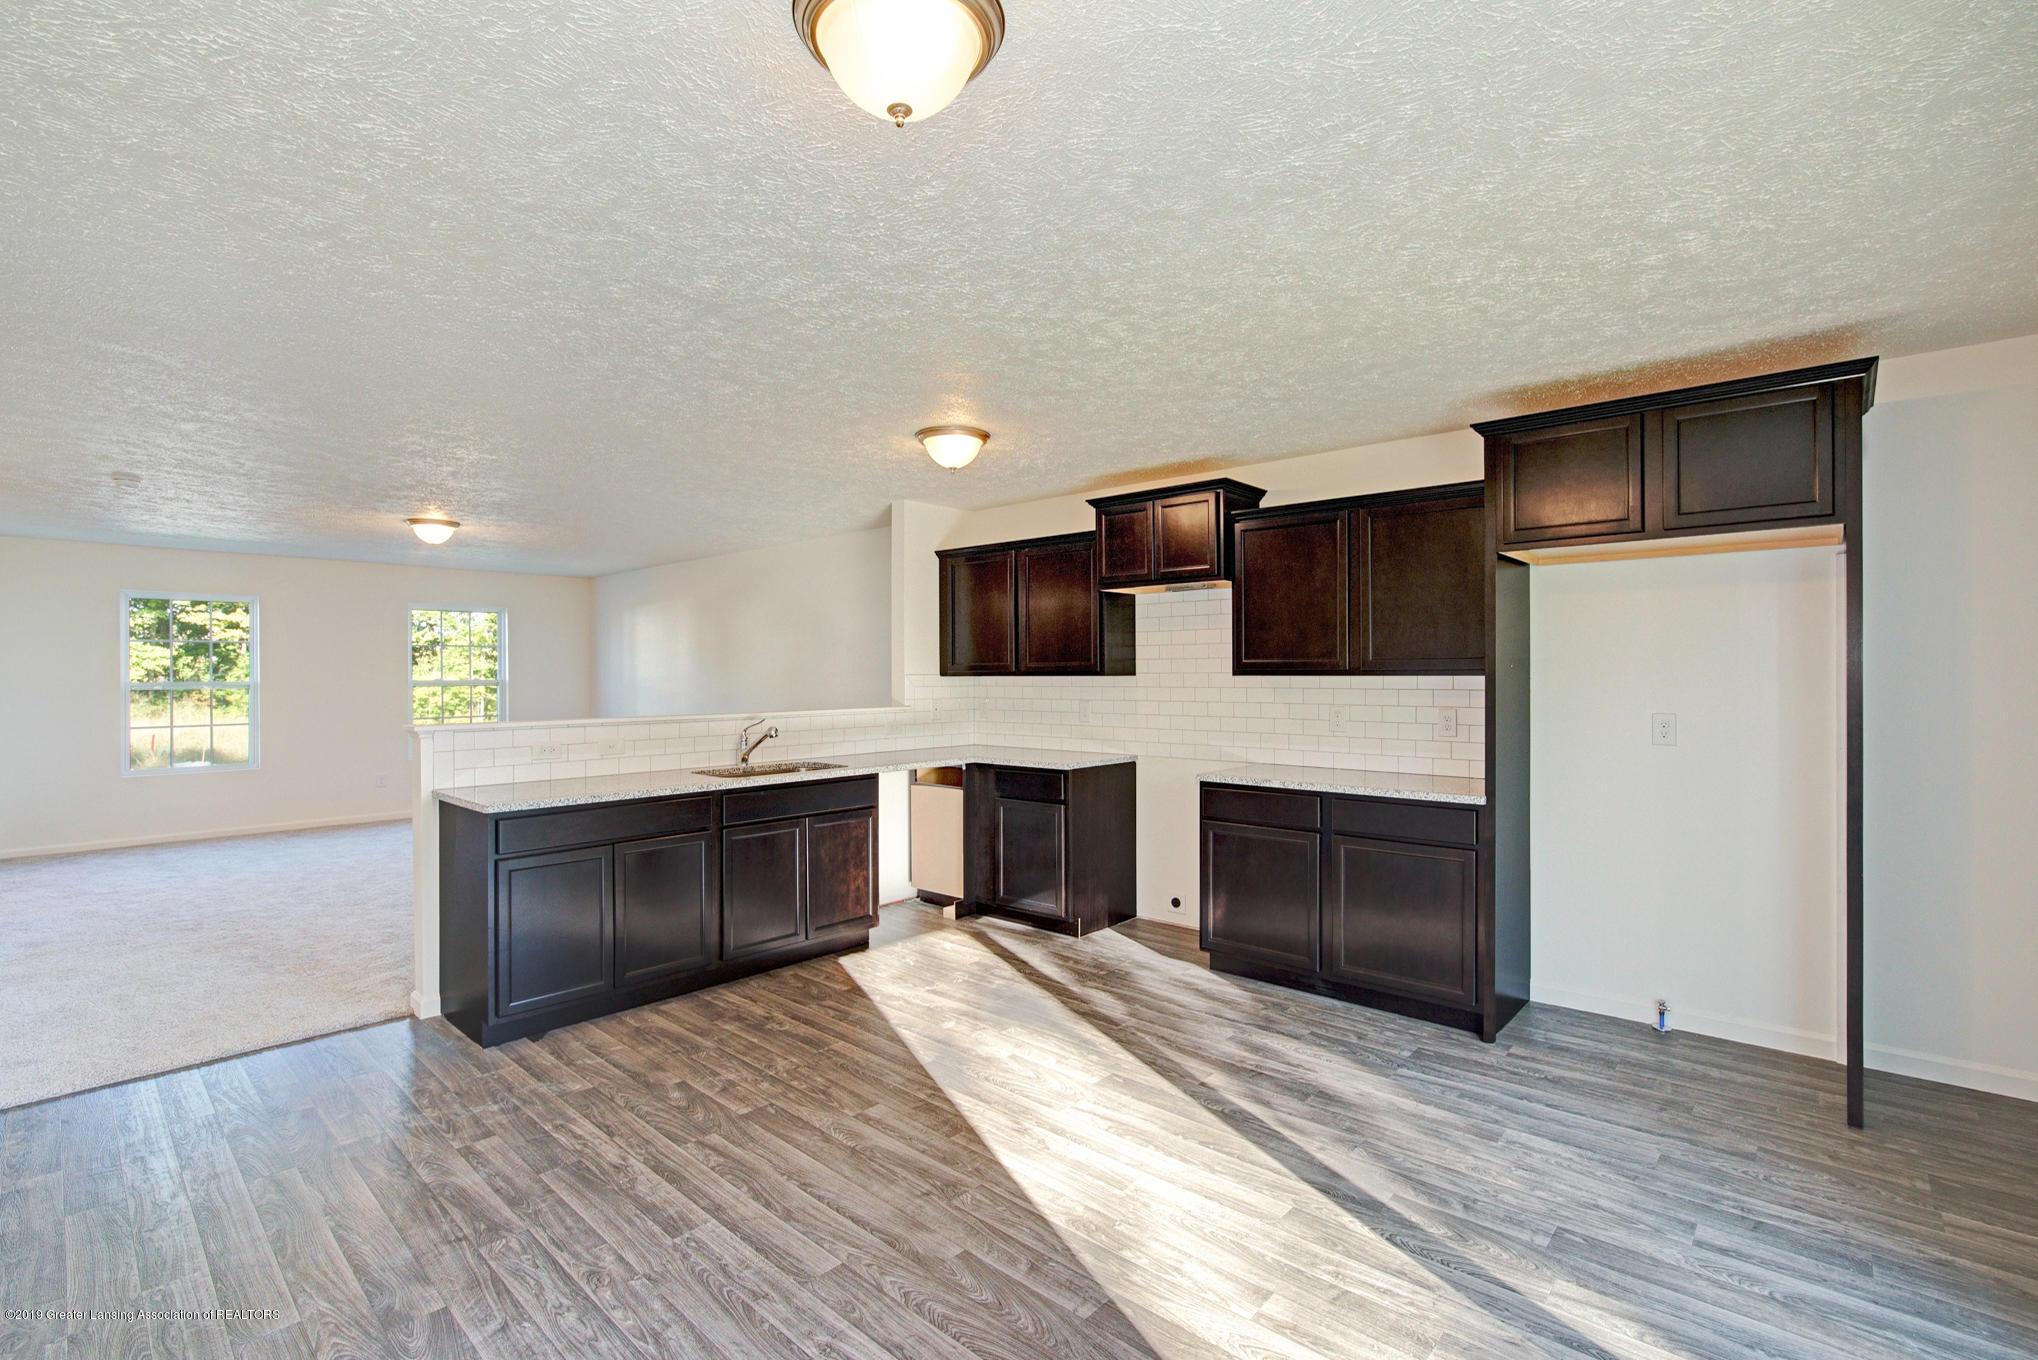 1125 River Oaks Dr - OAK082-i1830-Kitchen1 - 6